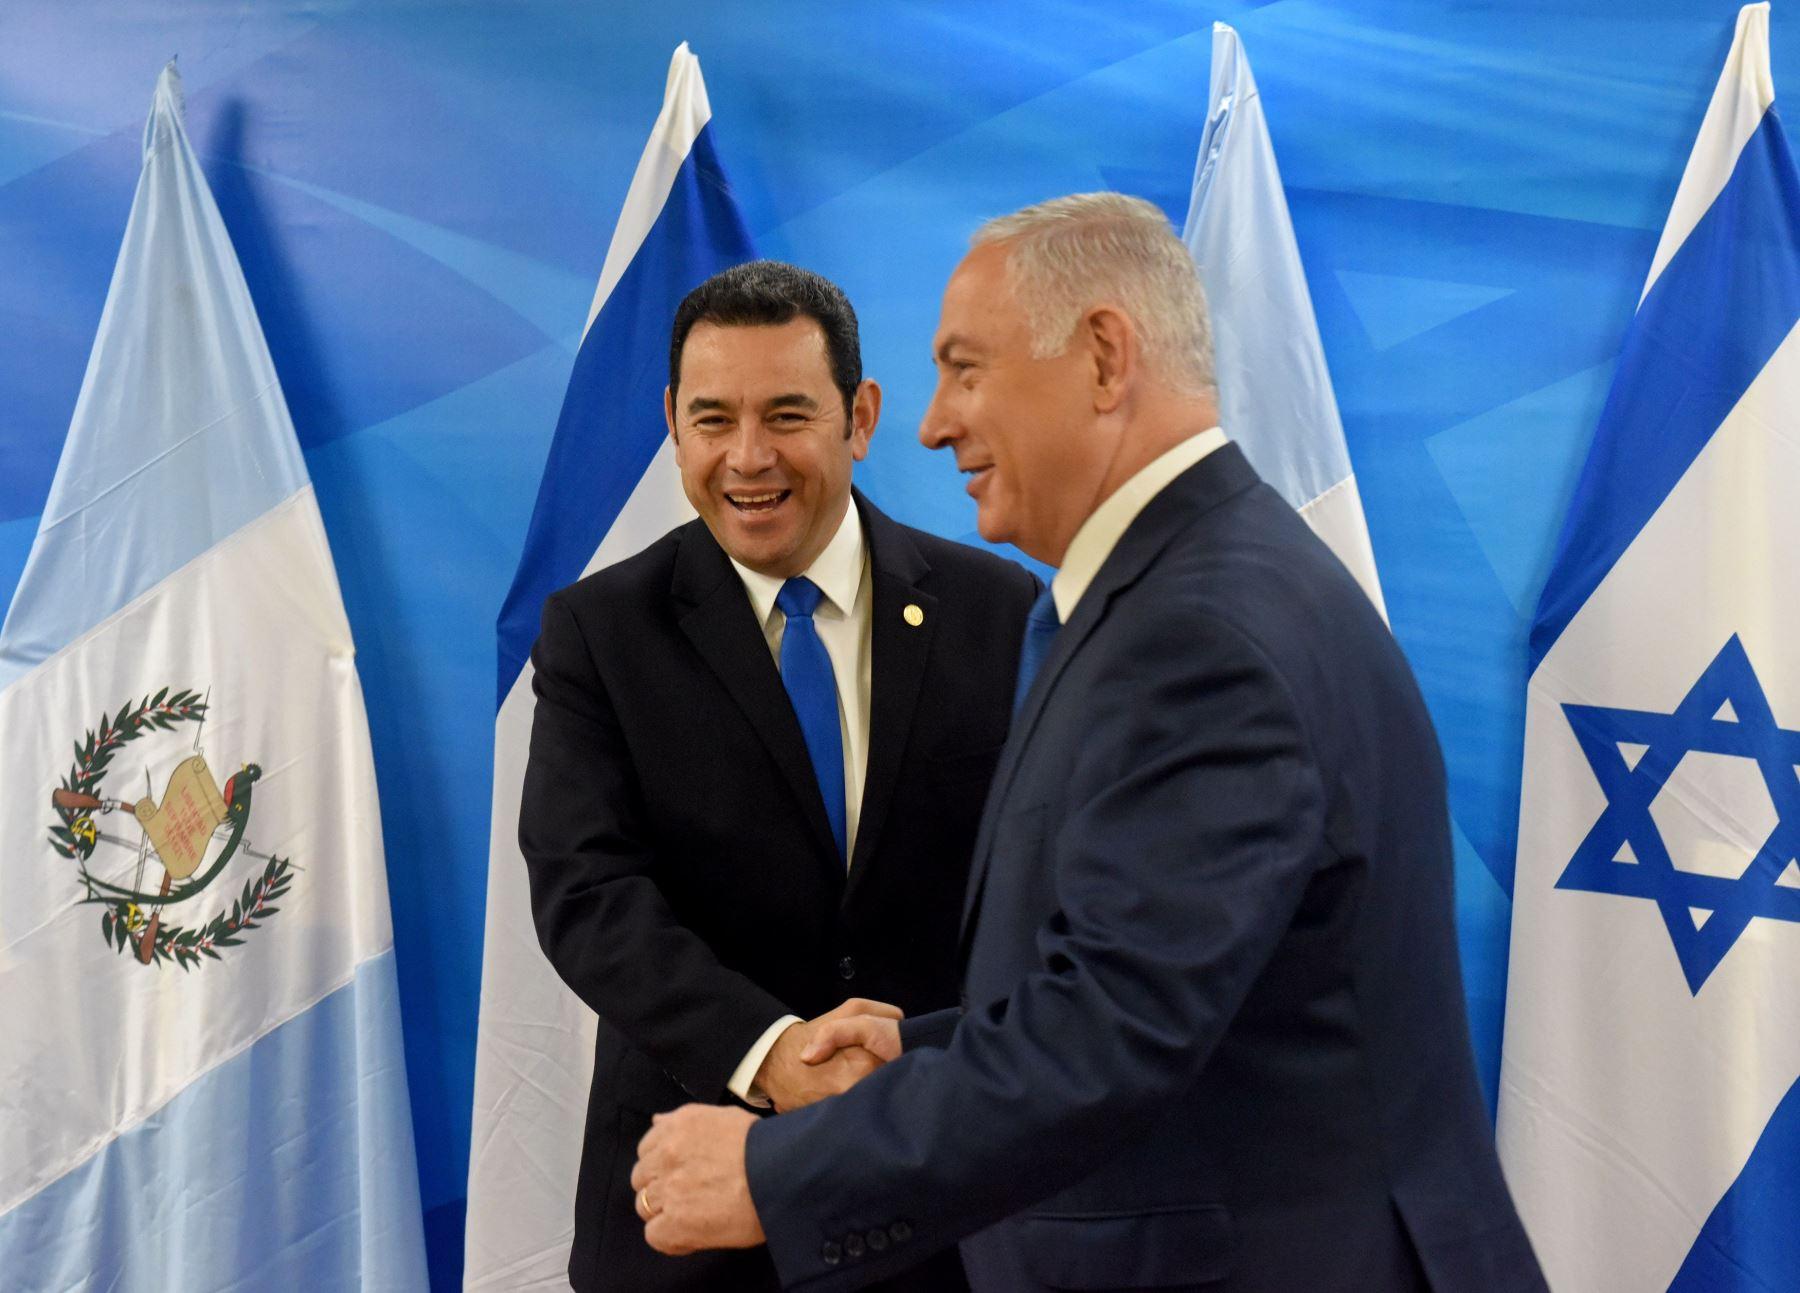 Presidente de Guatemala, Jimmy Morales y el Primer Ministro israelí Benjamin Netanyahu Foto: AFP